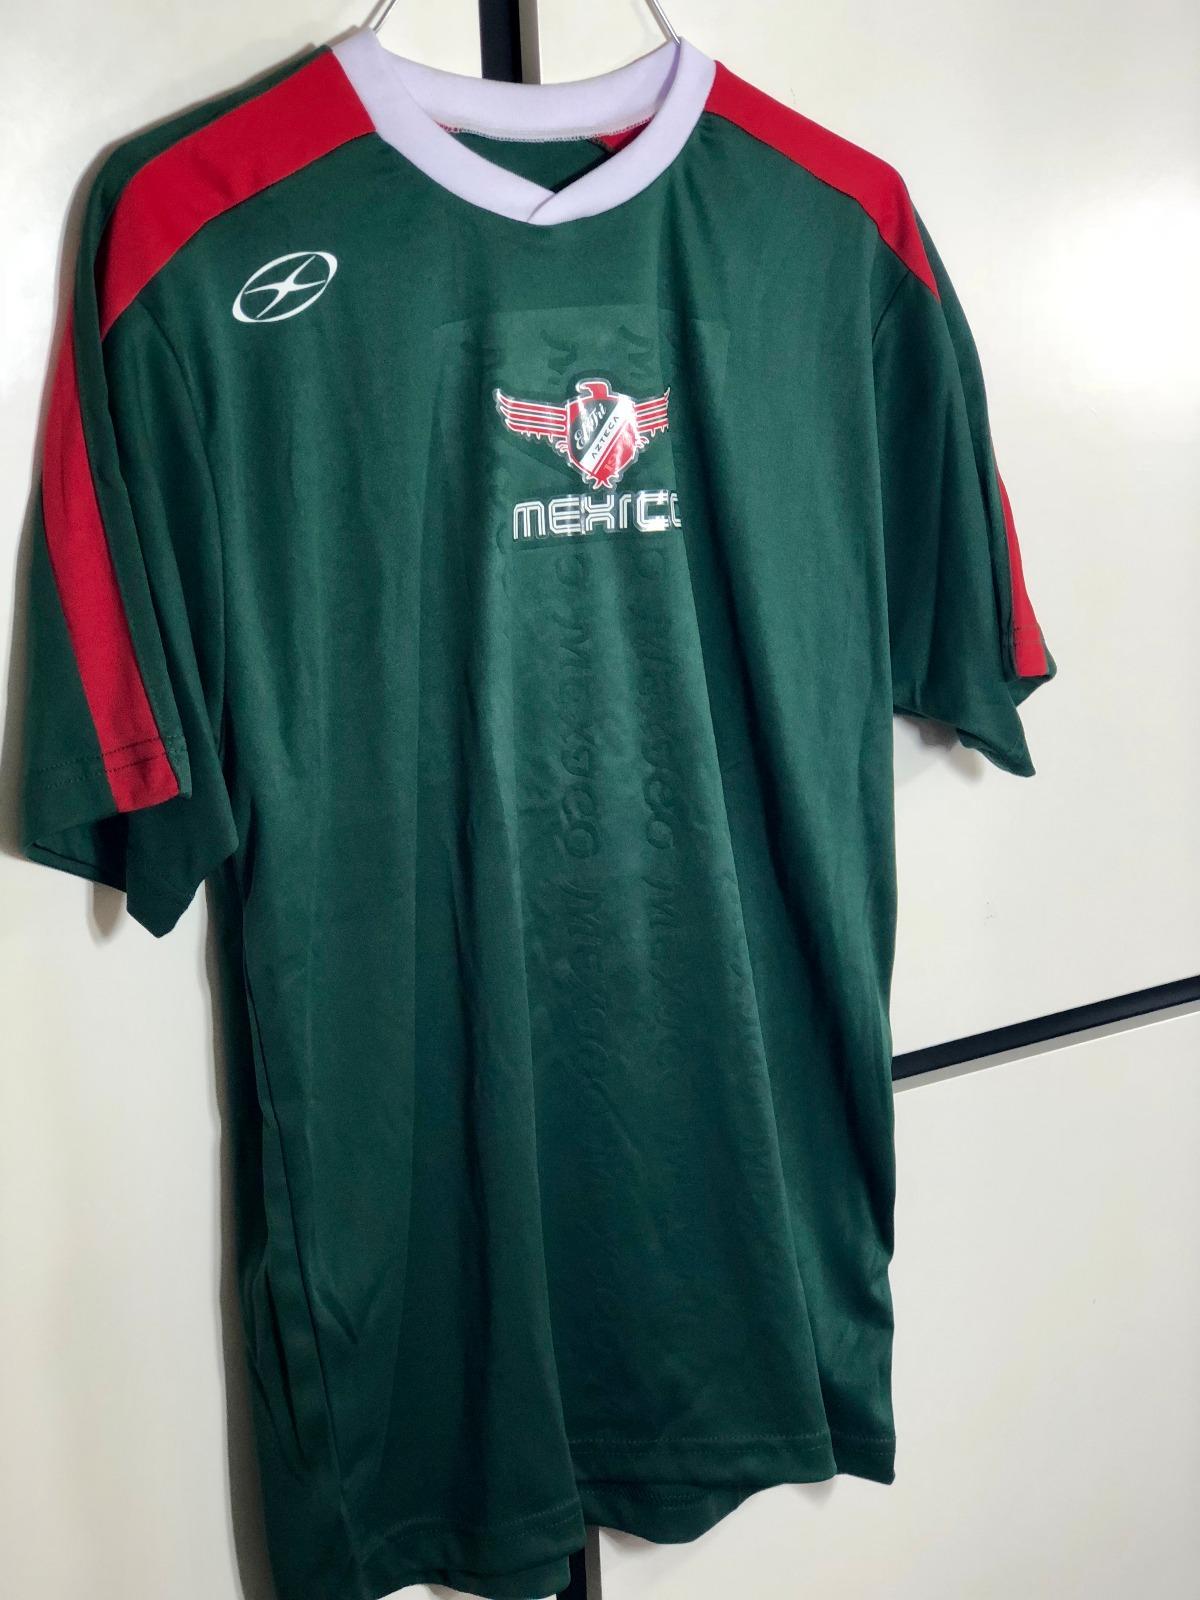 b7fe7d996 Xara Soccer Jersey Mexico Azteca Green T-Shirt Size Small International  Shirt